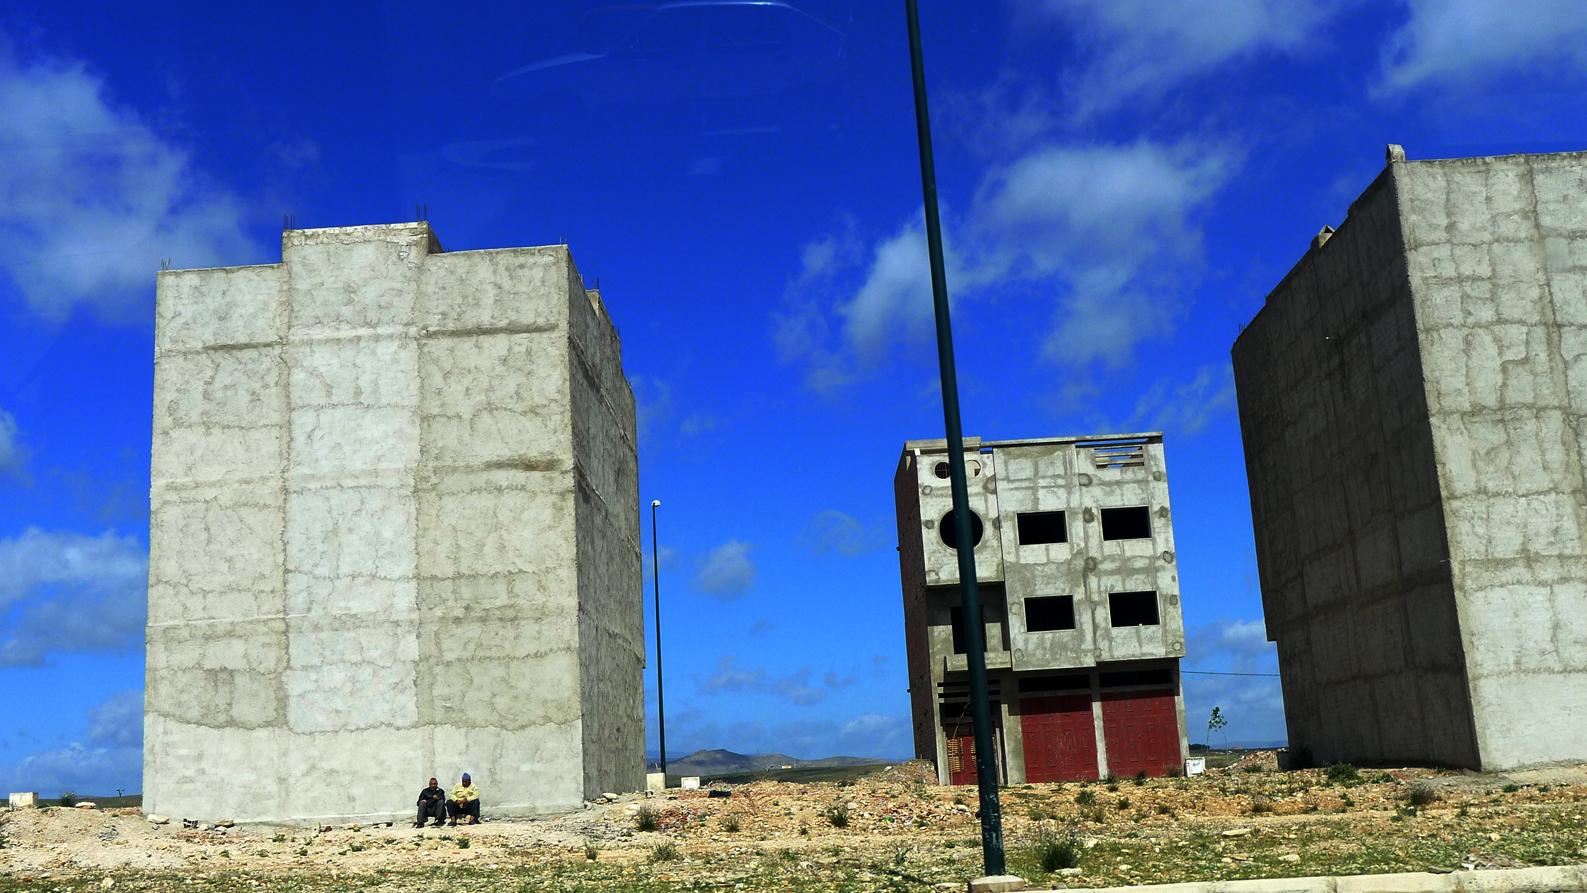 La 4ème  édition des Rencontres Photographiques de Rabat